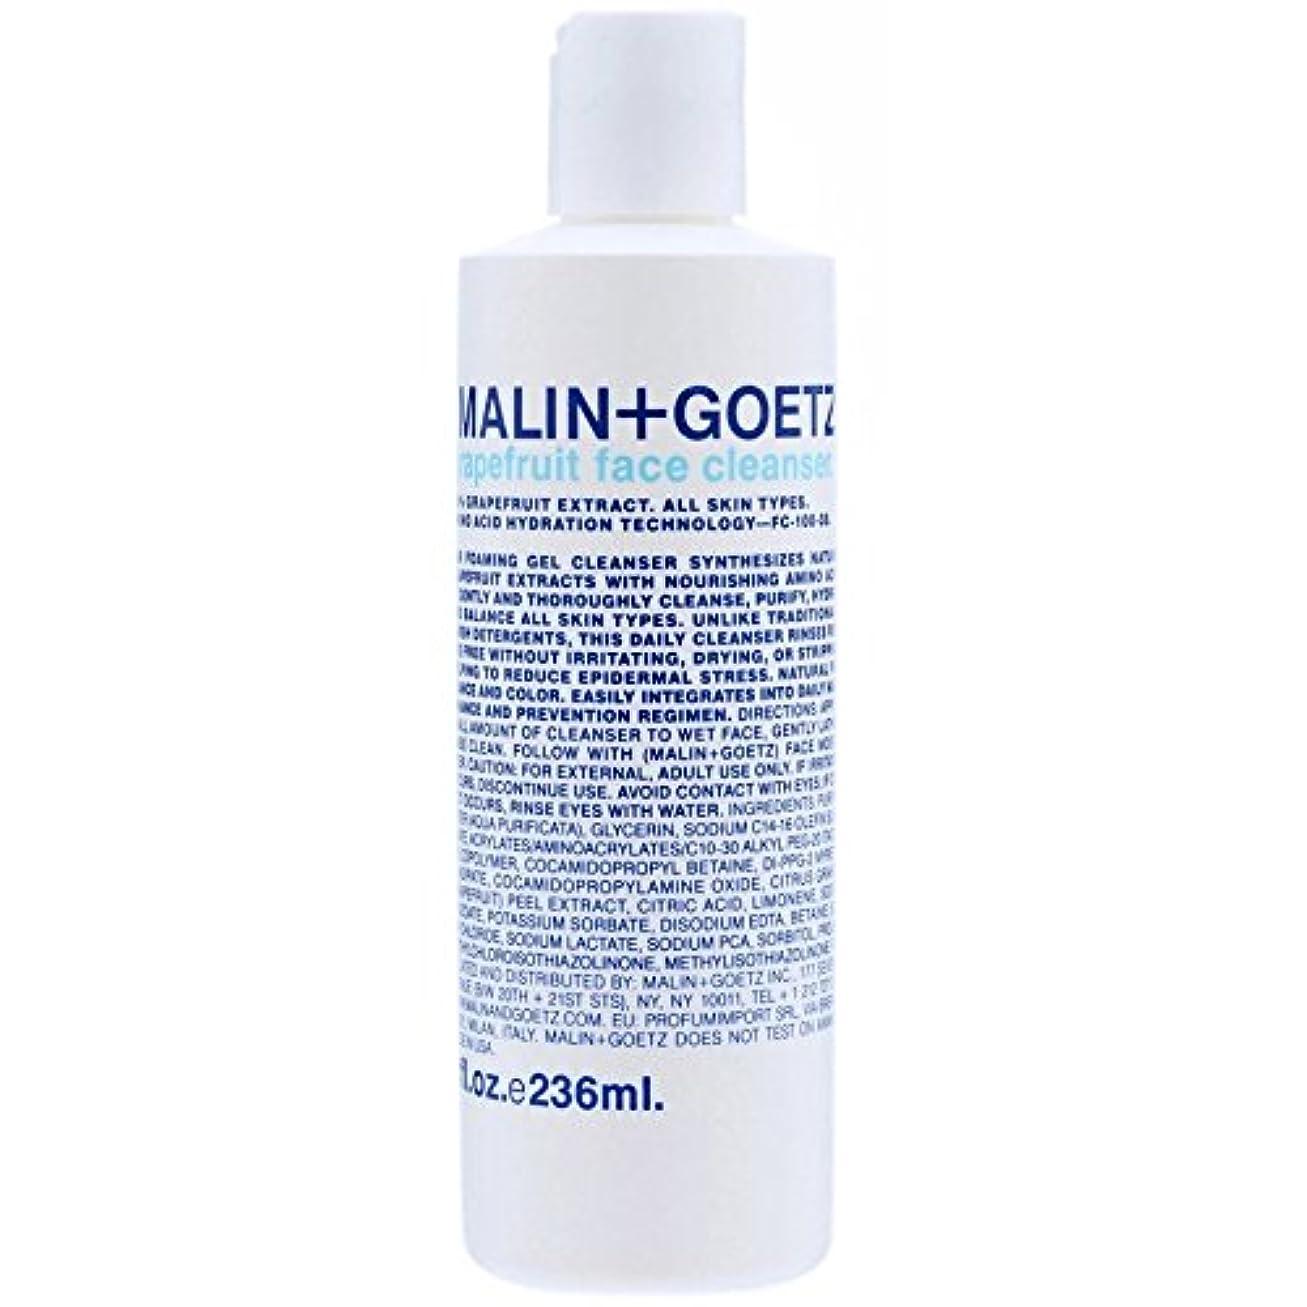 次オークランド口述マリン+ゲッツグレープフルーツフェイスクレンザー x2 - MALIN+GOETZ Grapefruit Face Cleanser (Pack of 2) [並行輸入品]